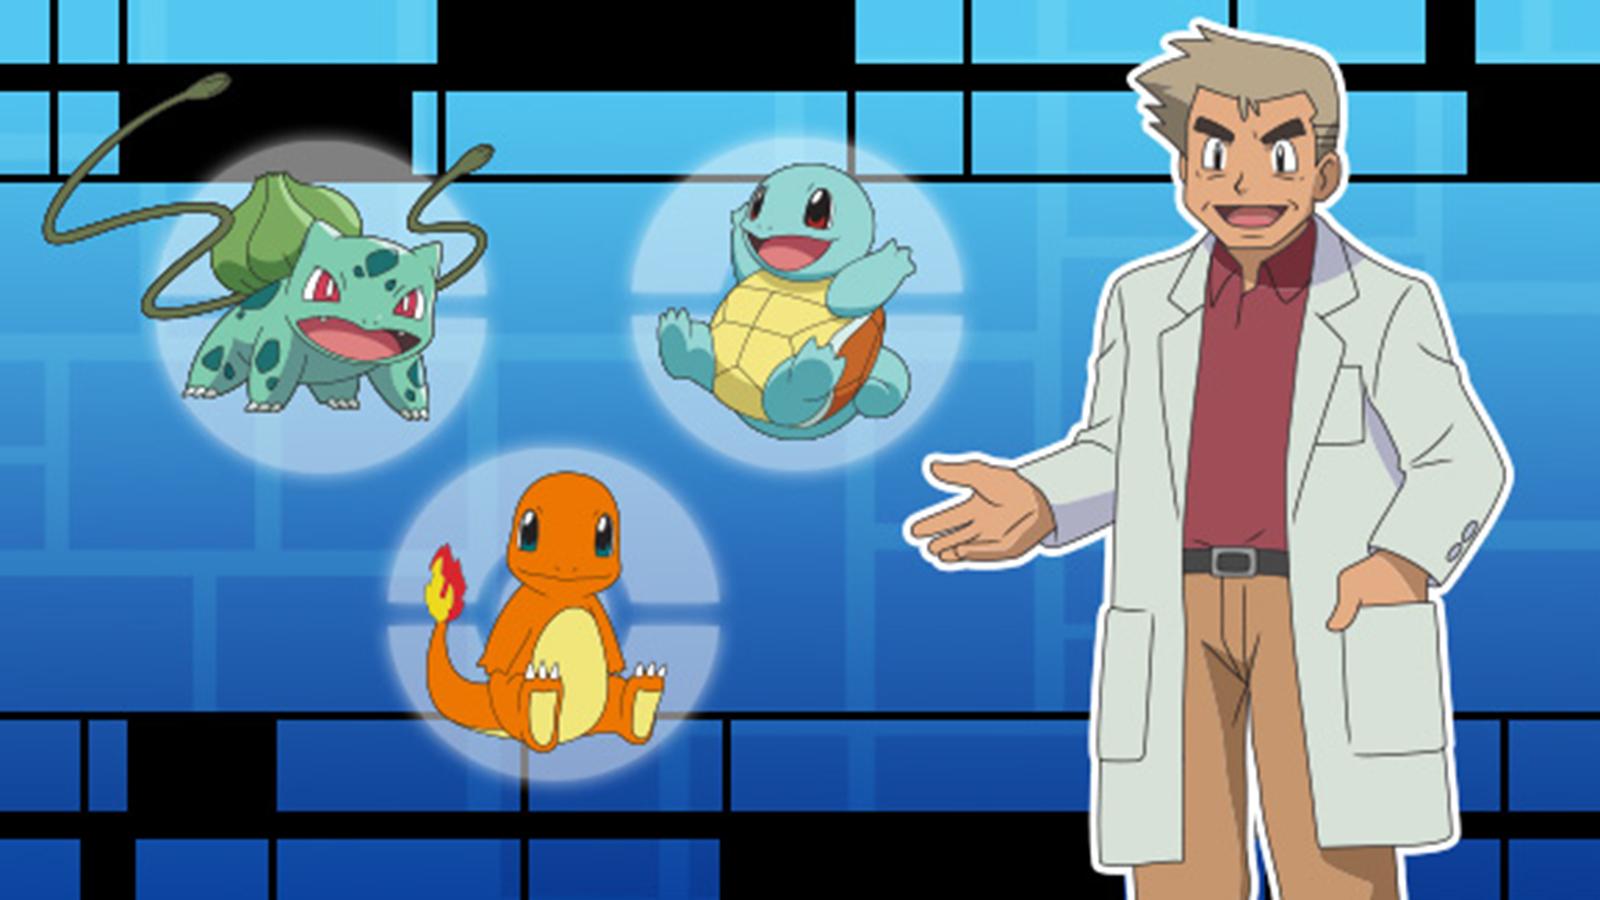 Pokemon Professor Oak